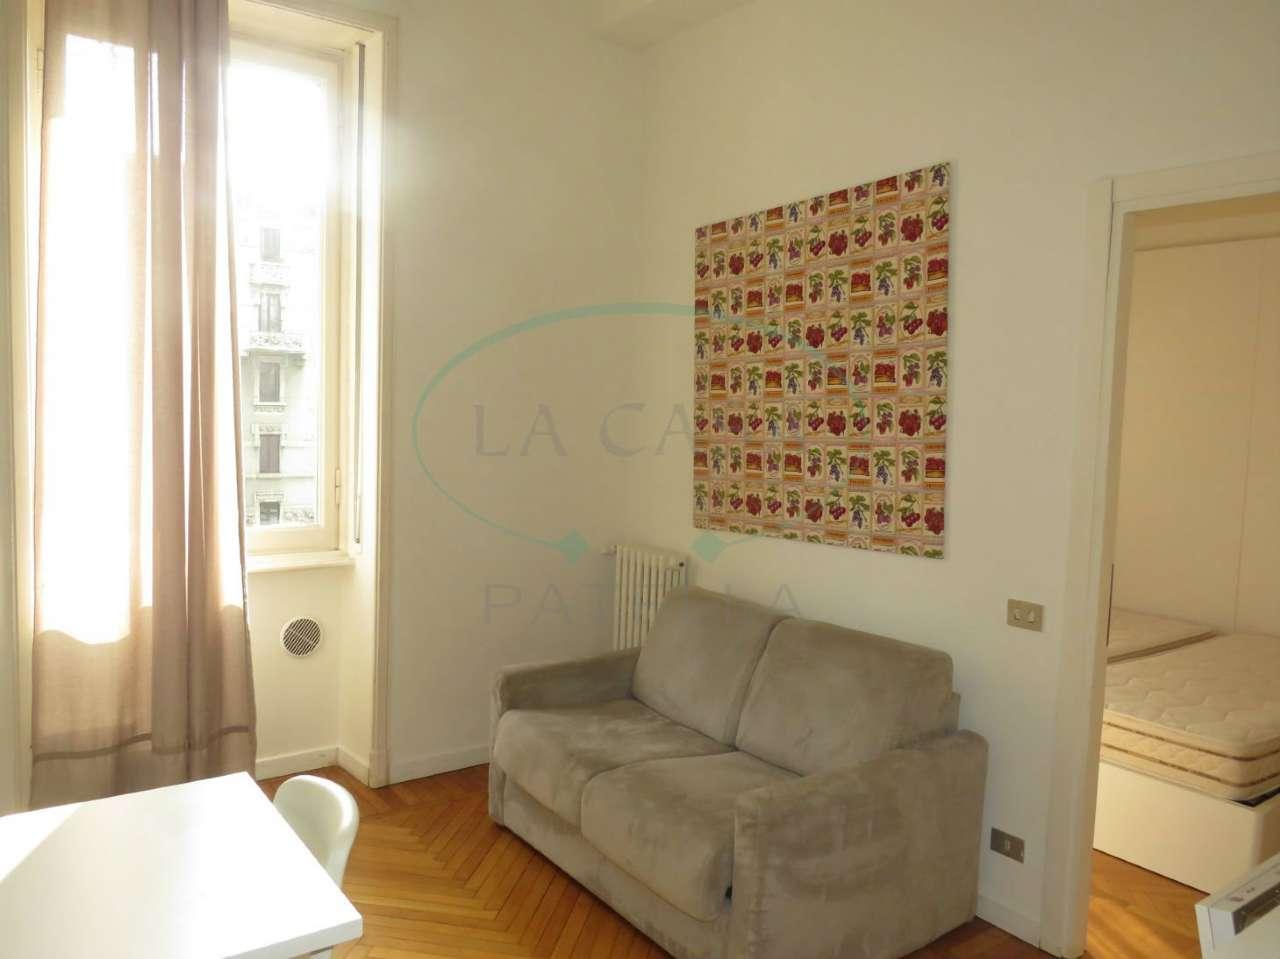 Appartamento in Affitto a Milano 03 Venezia / Piave / Buenos Aires: 2 locali, 45 mq